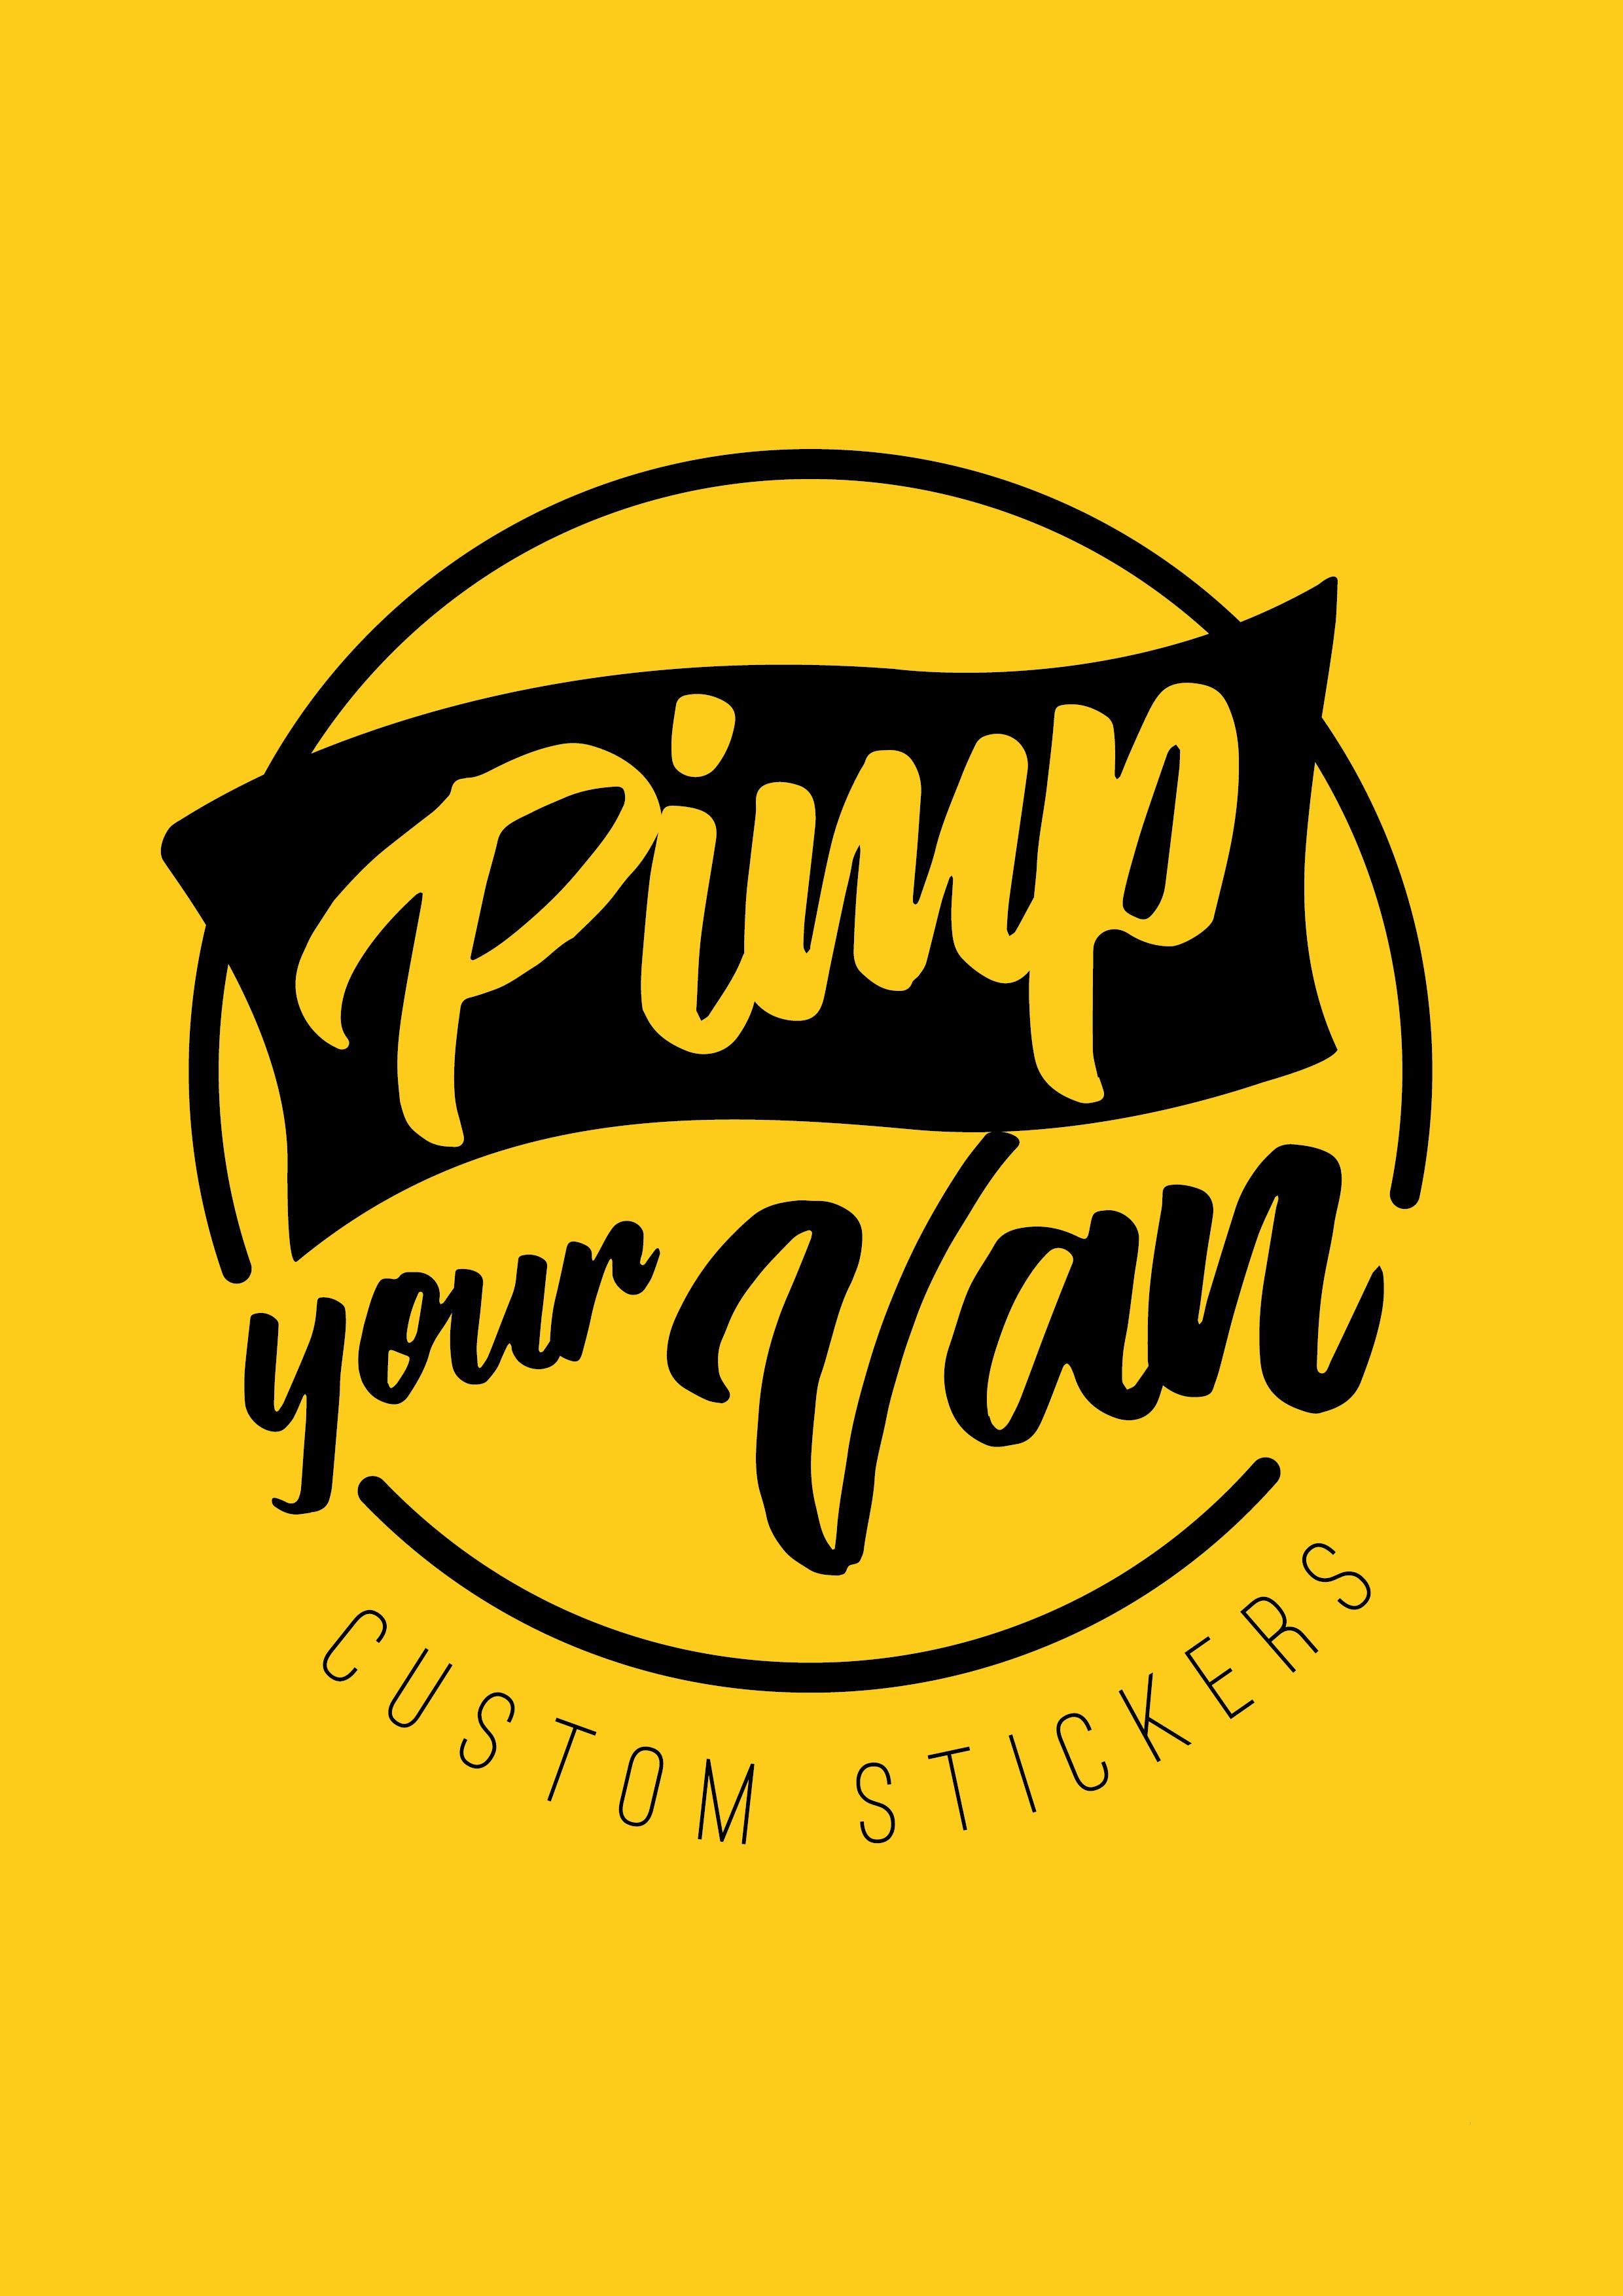 About Pimp your Van